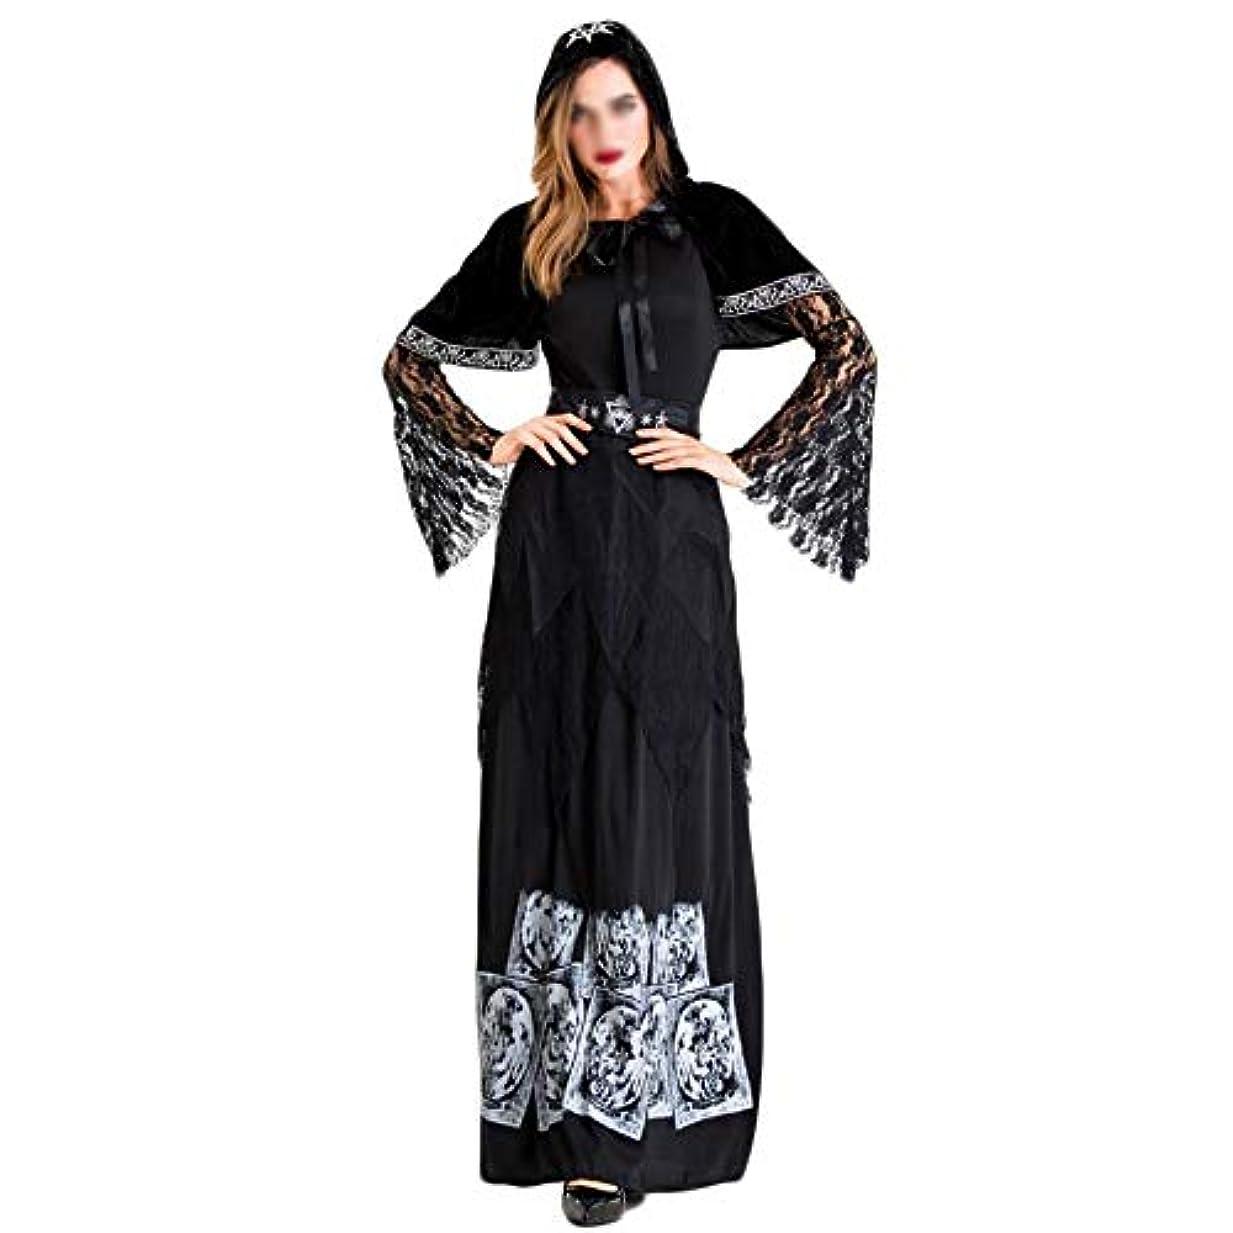 普遍的な植物学者邪魔するSNGIAN 女性ハロウィン大人吸血鬼伯爵衣装ダークゴースト花嫁魔女ロングスカートプリンセスドレス (Color : A, Size : XL)